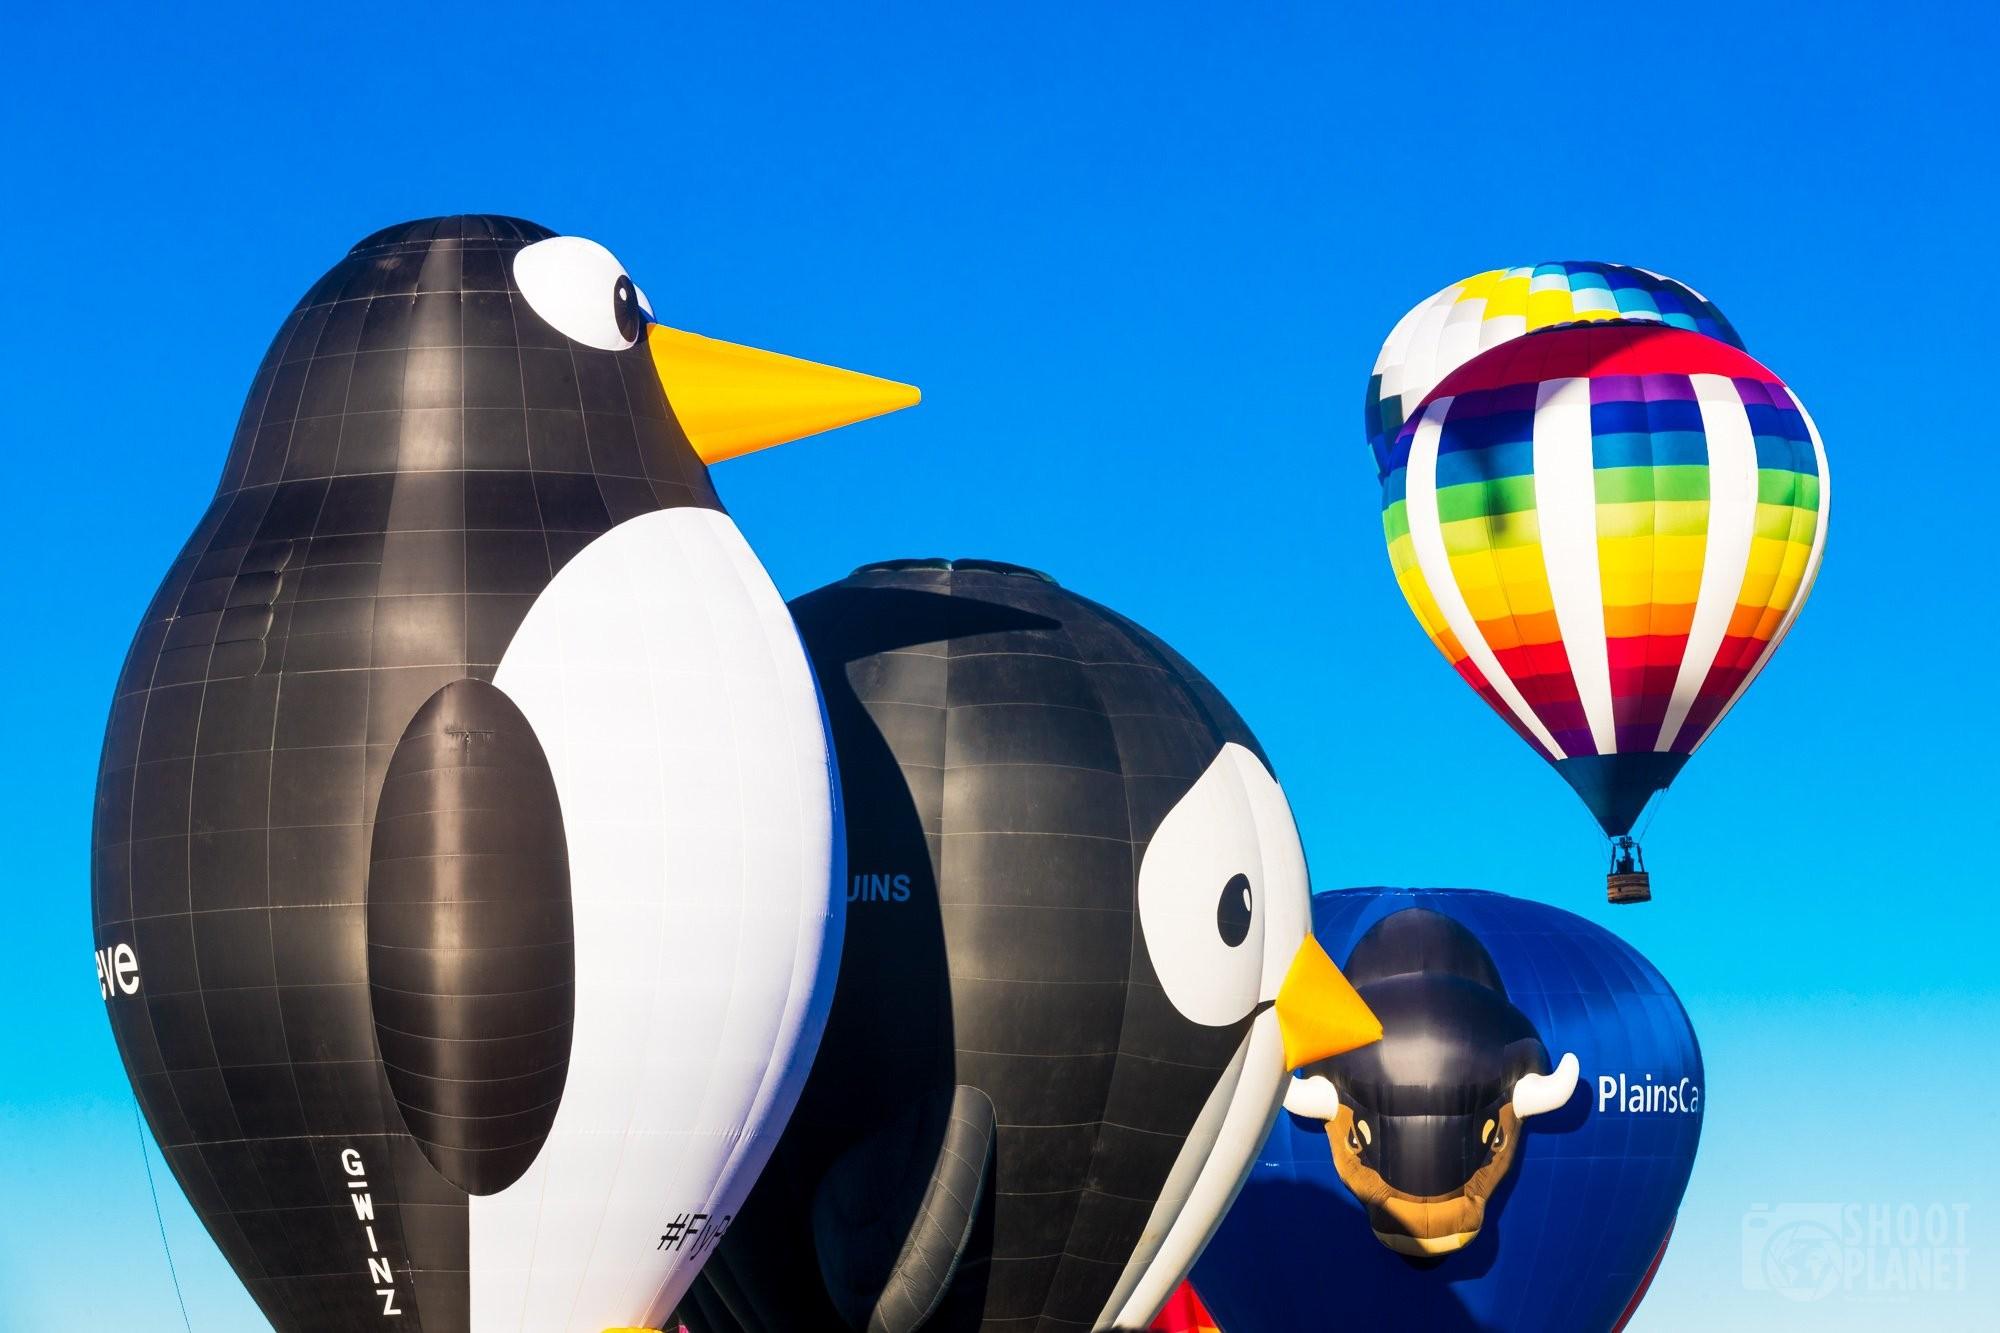 Huge penguin balloons in Albuquerque USA